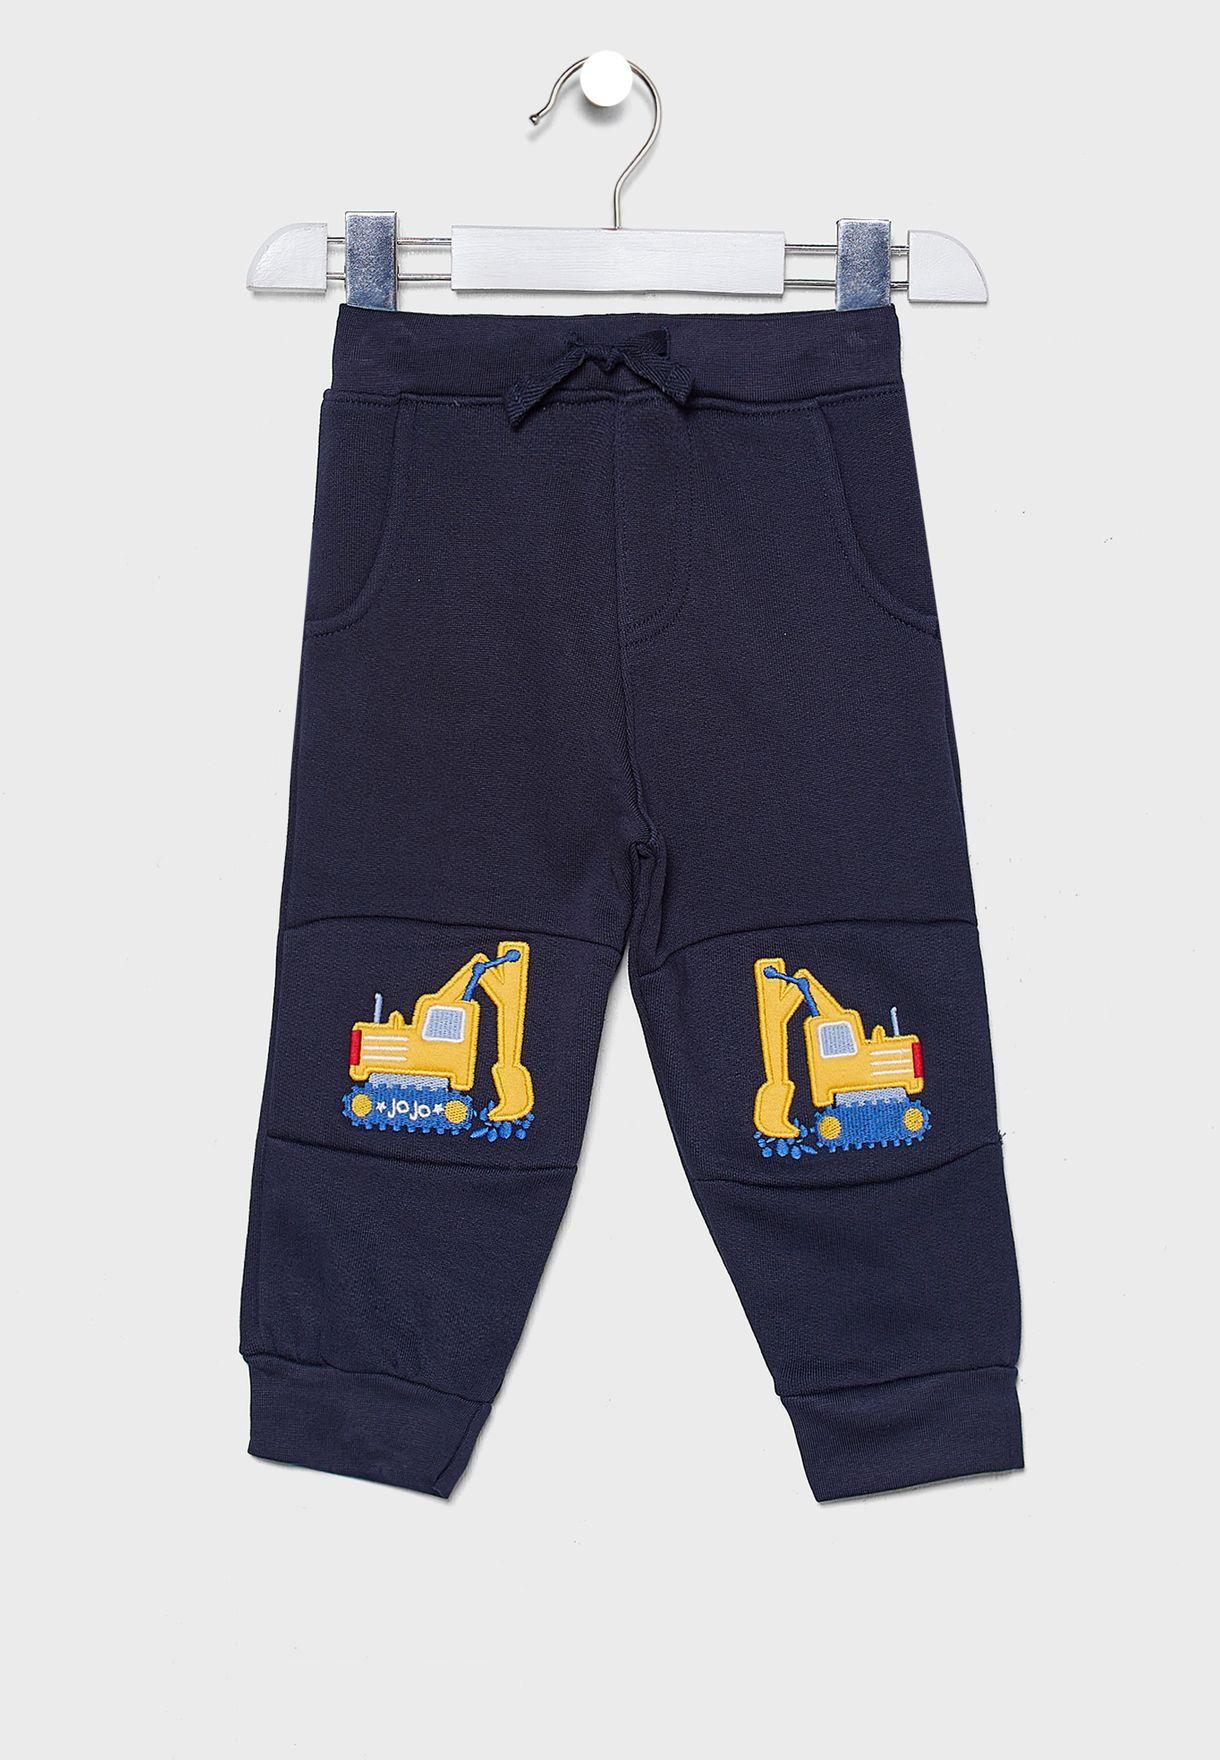 Kids Digger Applique Sweatpants